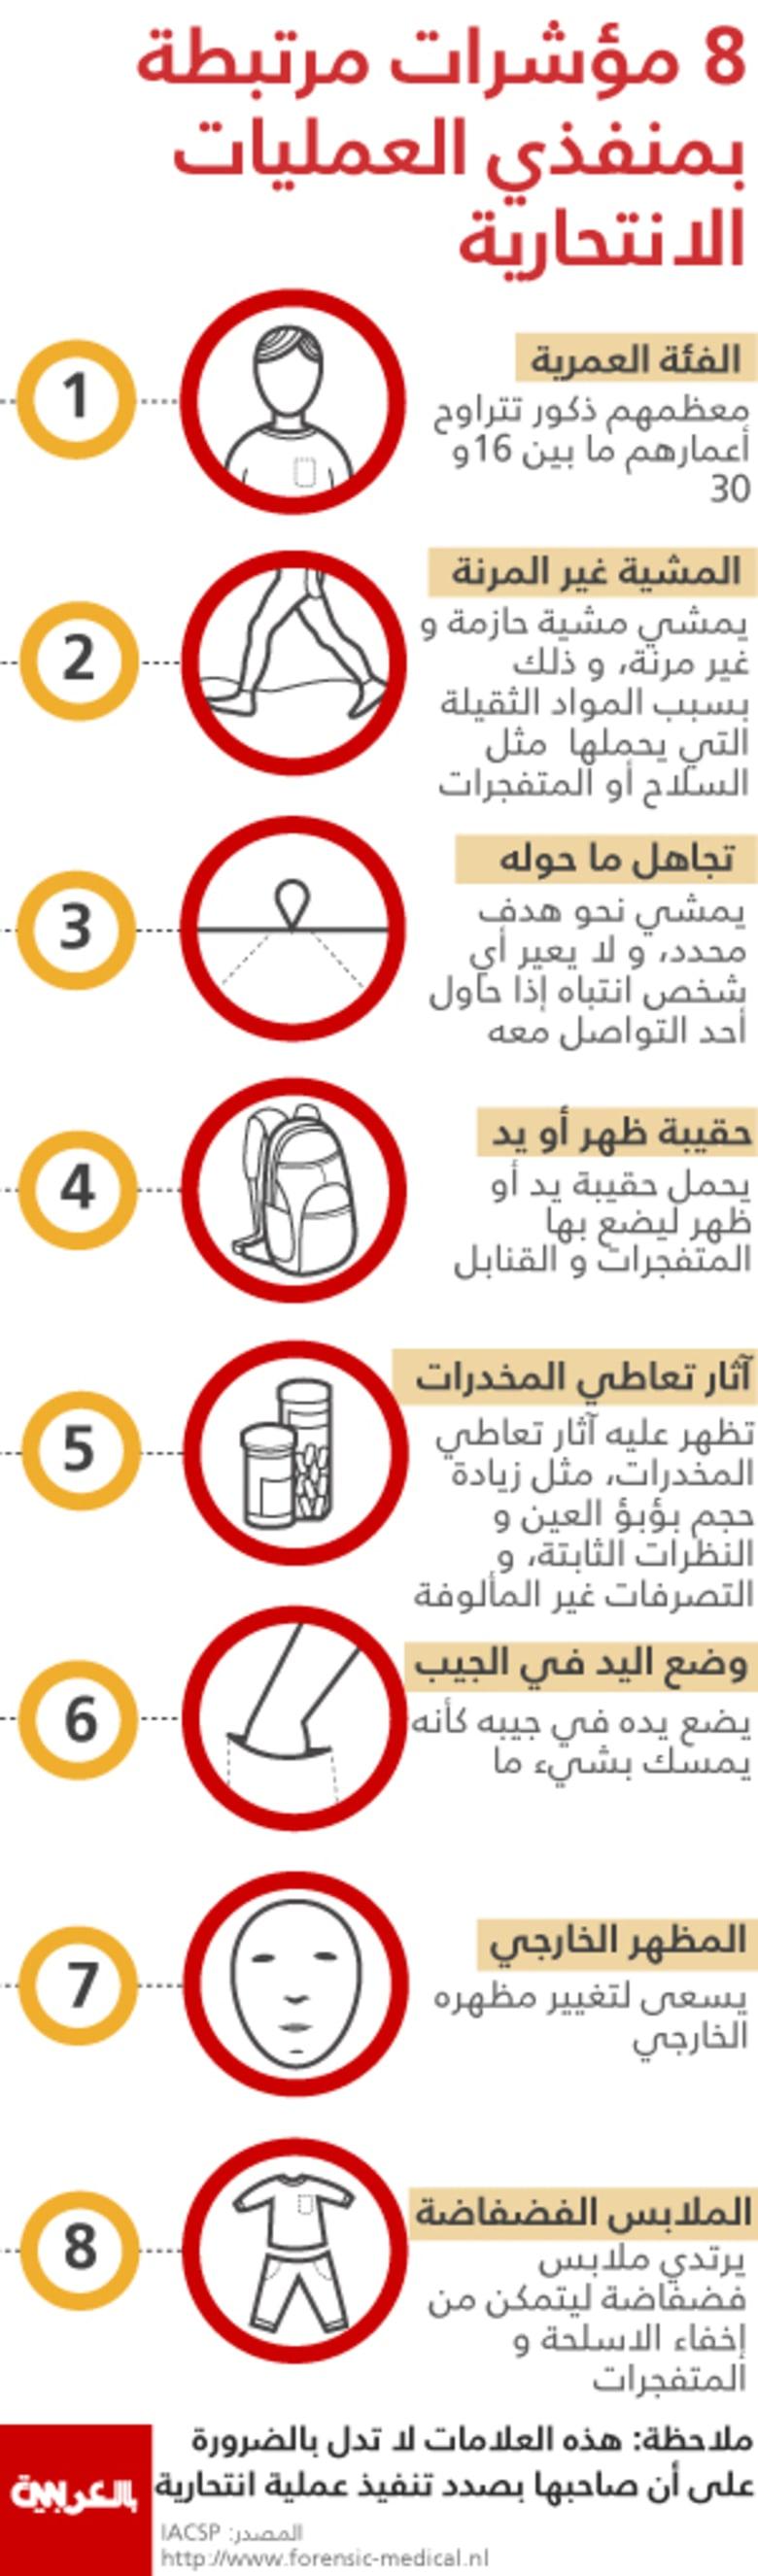 8 مؤشرات مرتبطة بمنفذي العمليات الانتحارية قد تكشف هويتهم قبل الهجوم